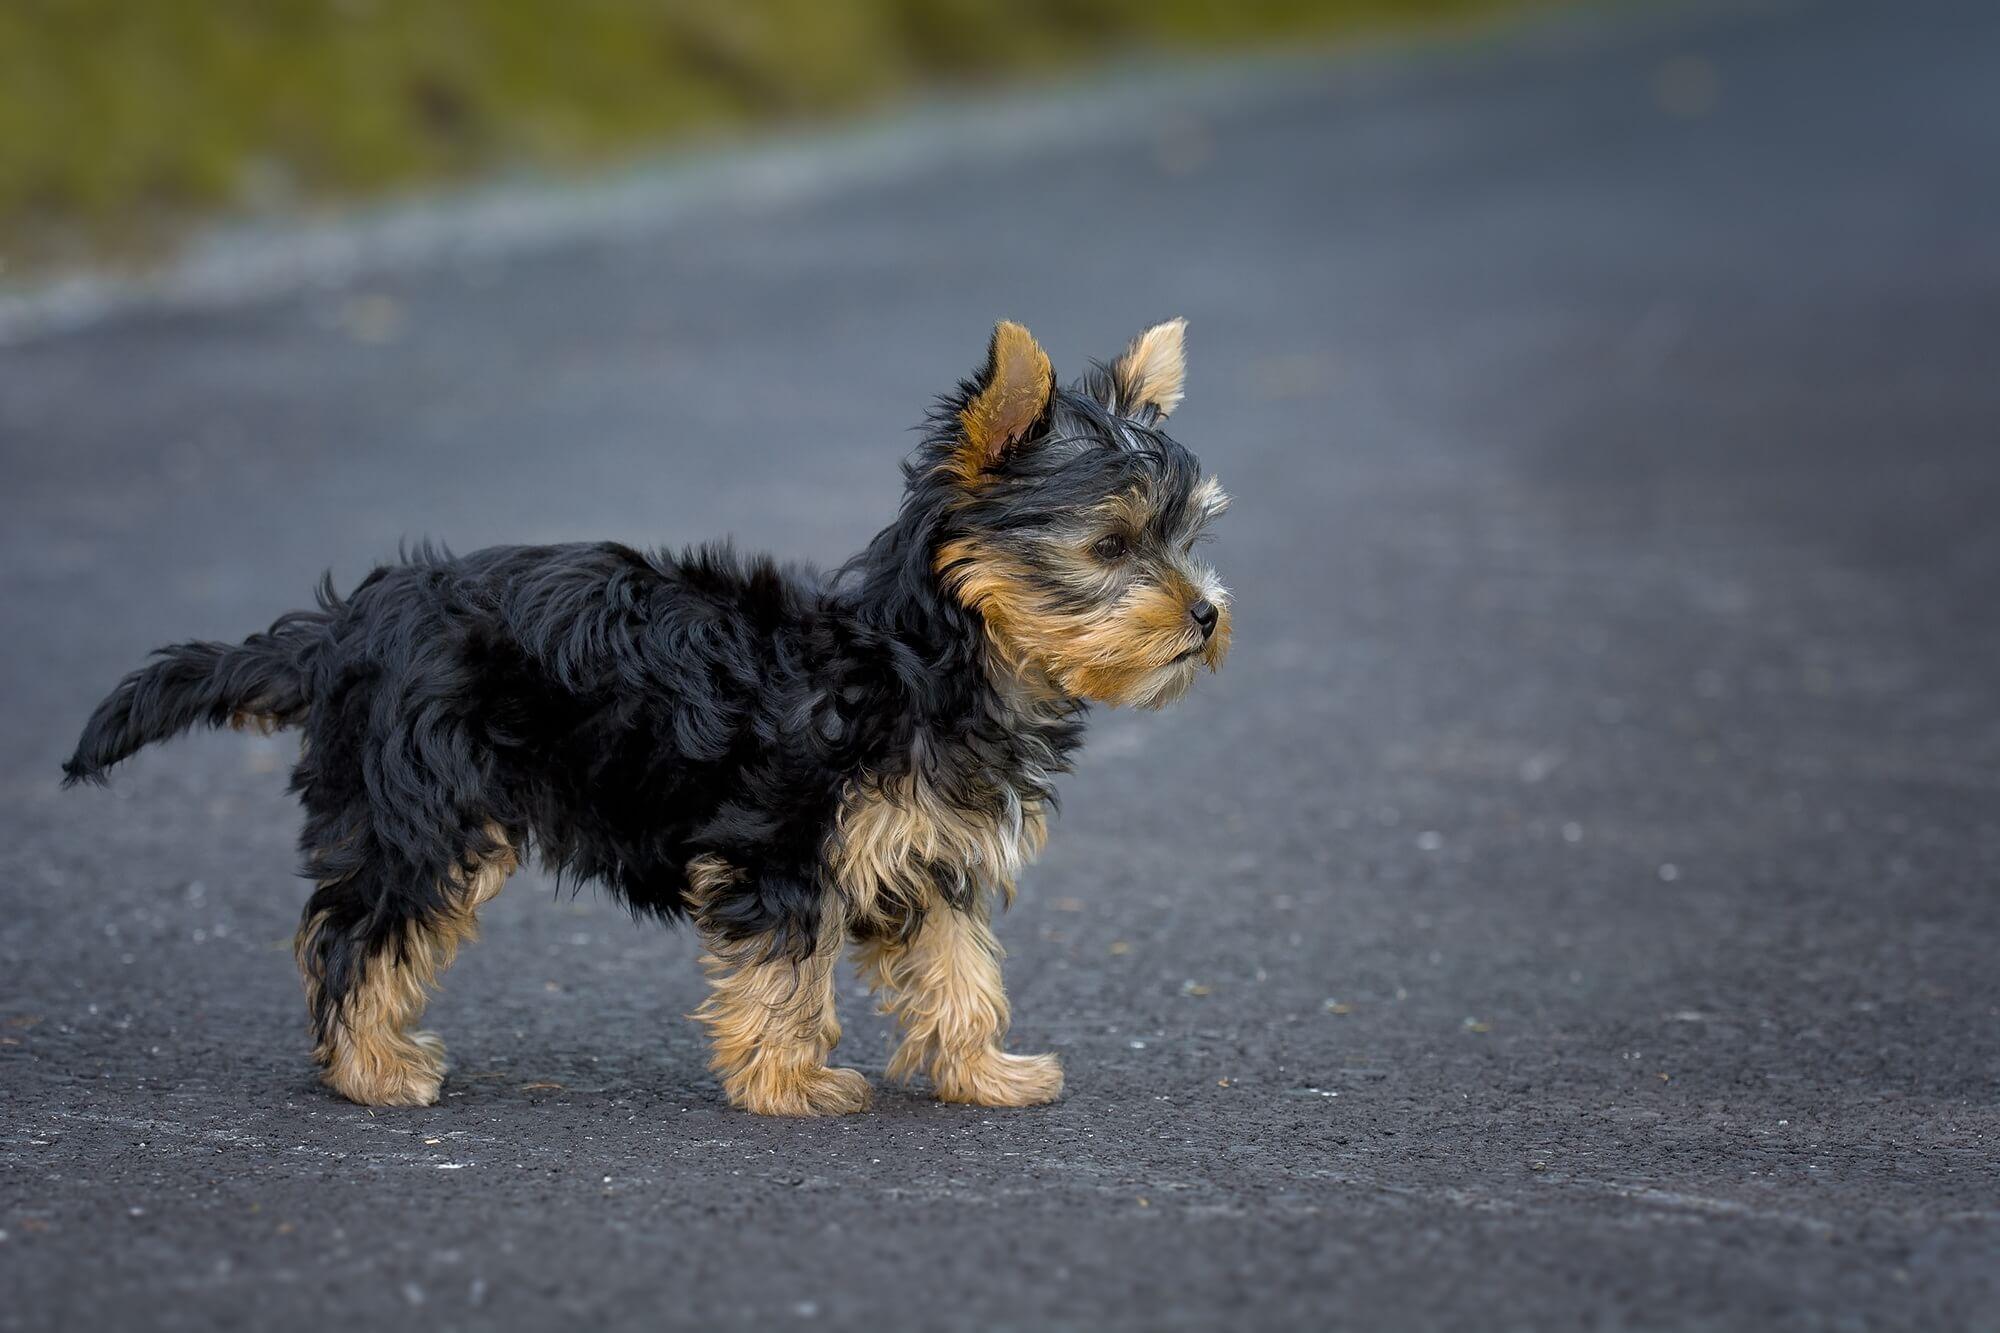 dog-puppy-yorkshire-terrier-yorkshire-terrier-puppy-163722